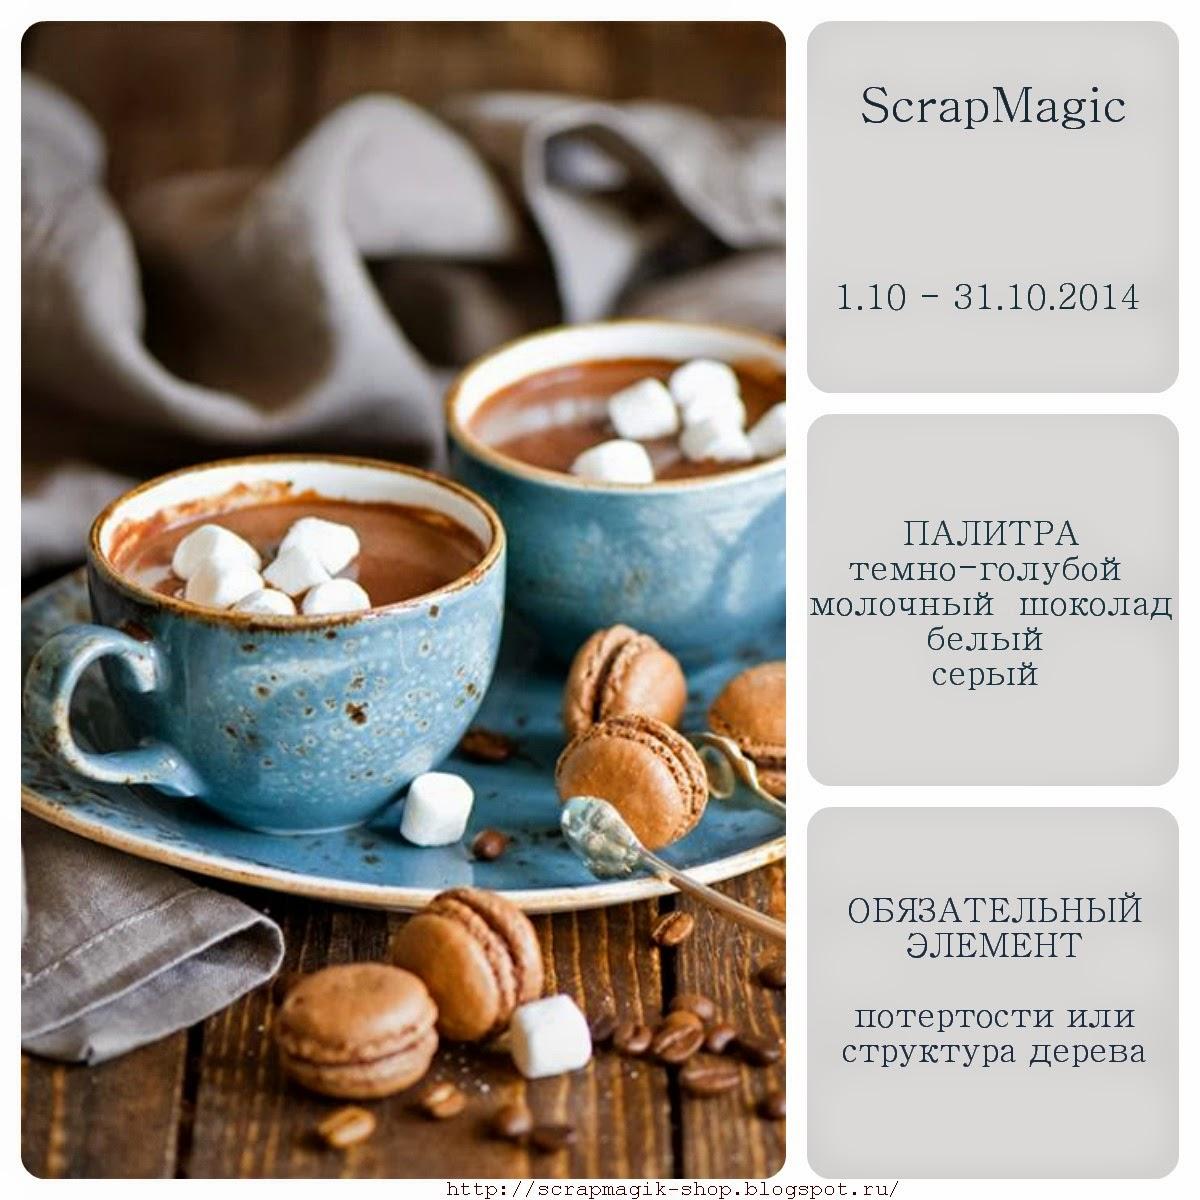 http://scrapmagik-shop.blogspot.ru/2014/10/37.html